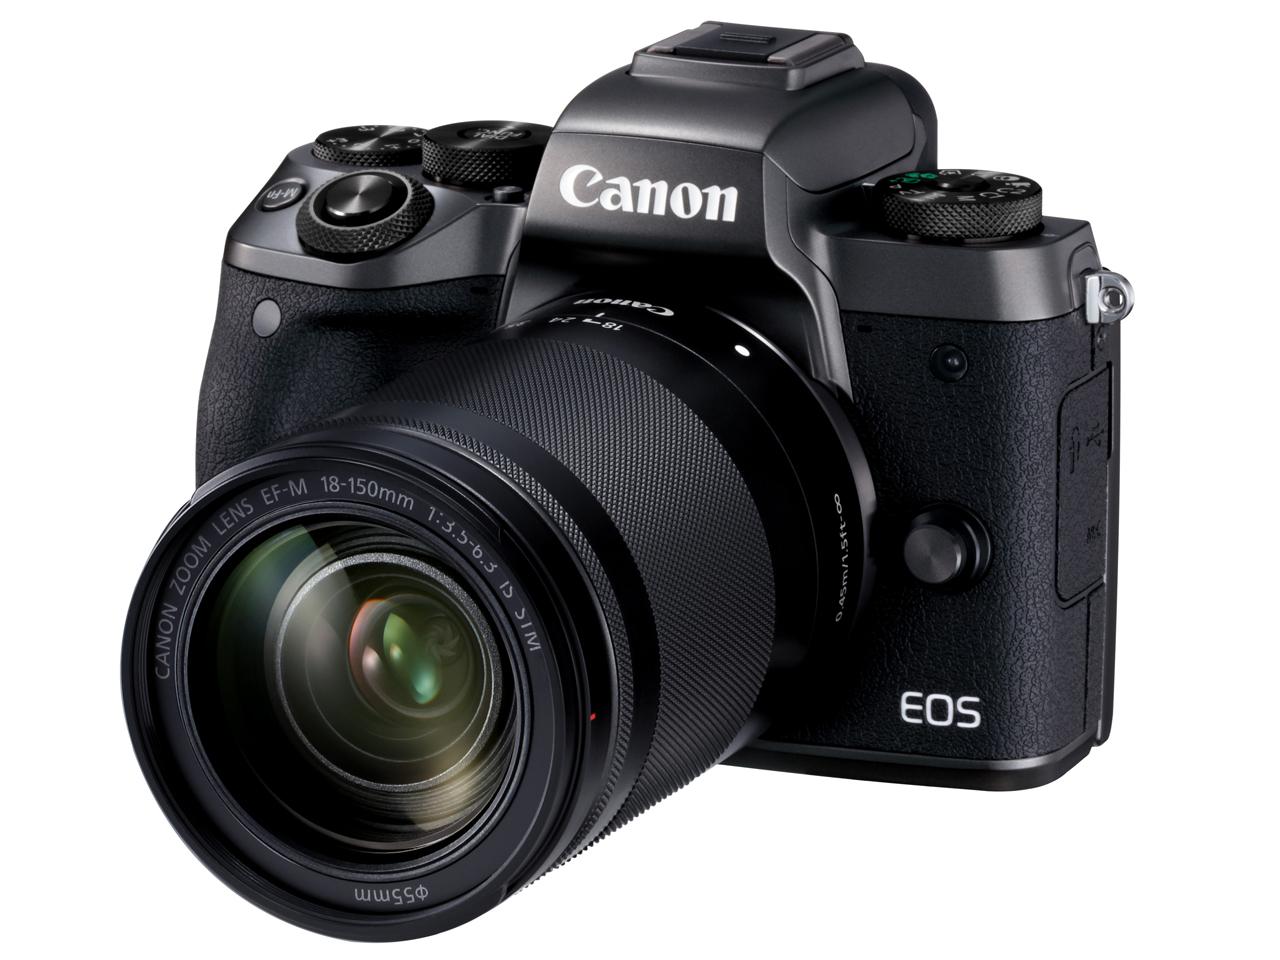 【新品未開封品】Canon EOS M5 EF-M18-150 IS STM レンズキット